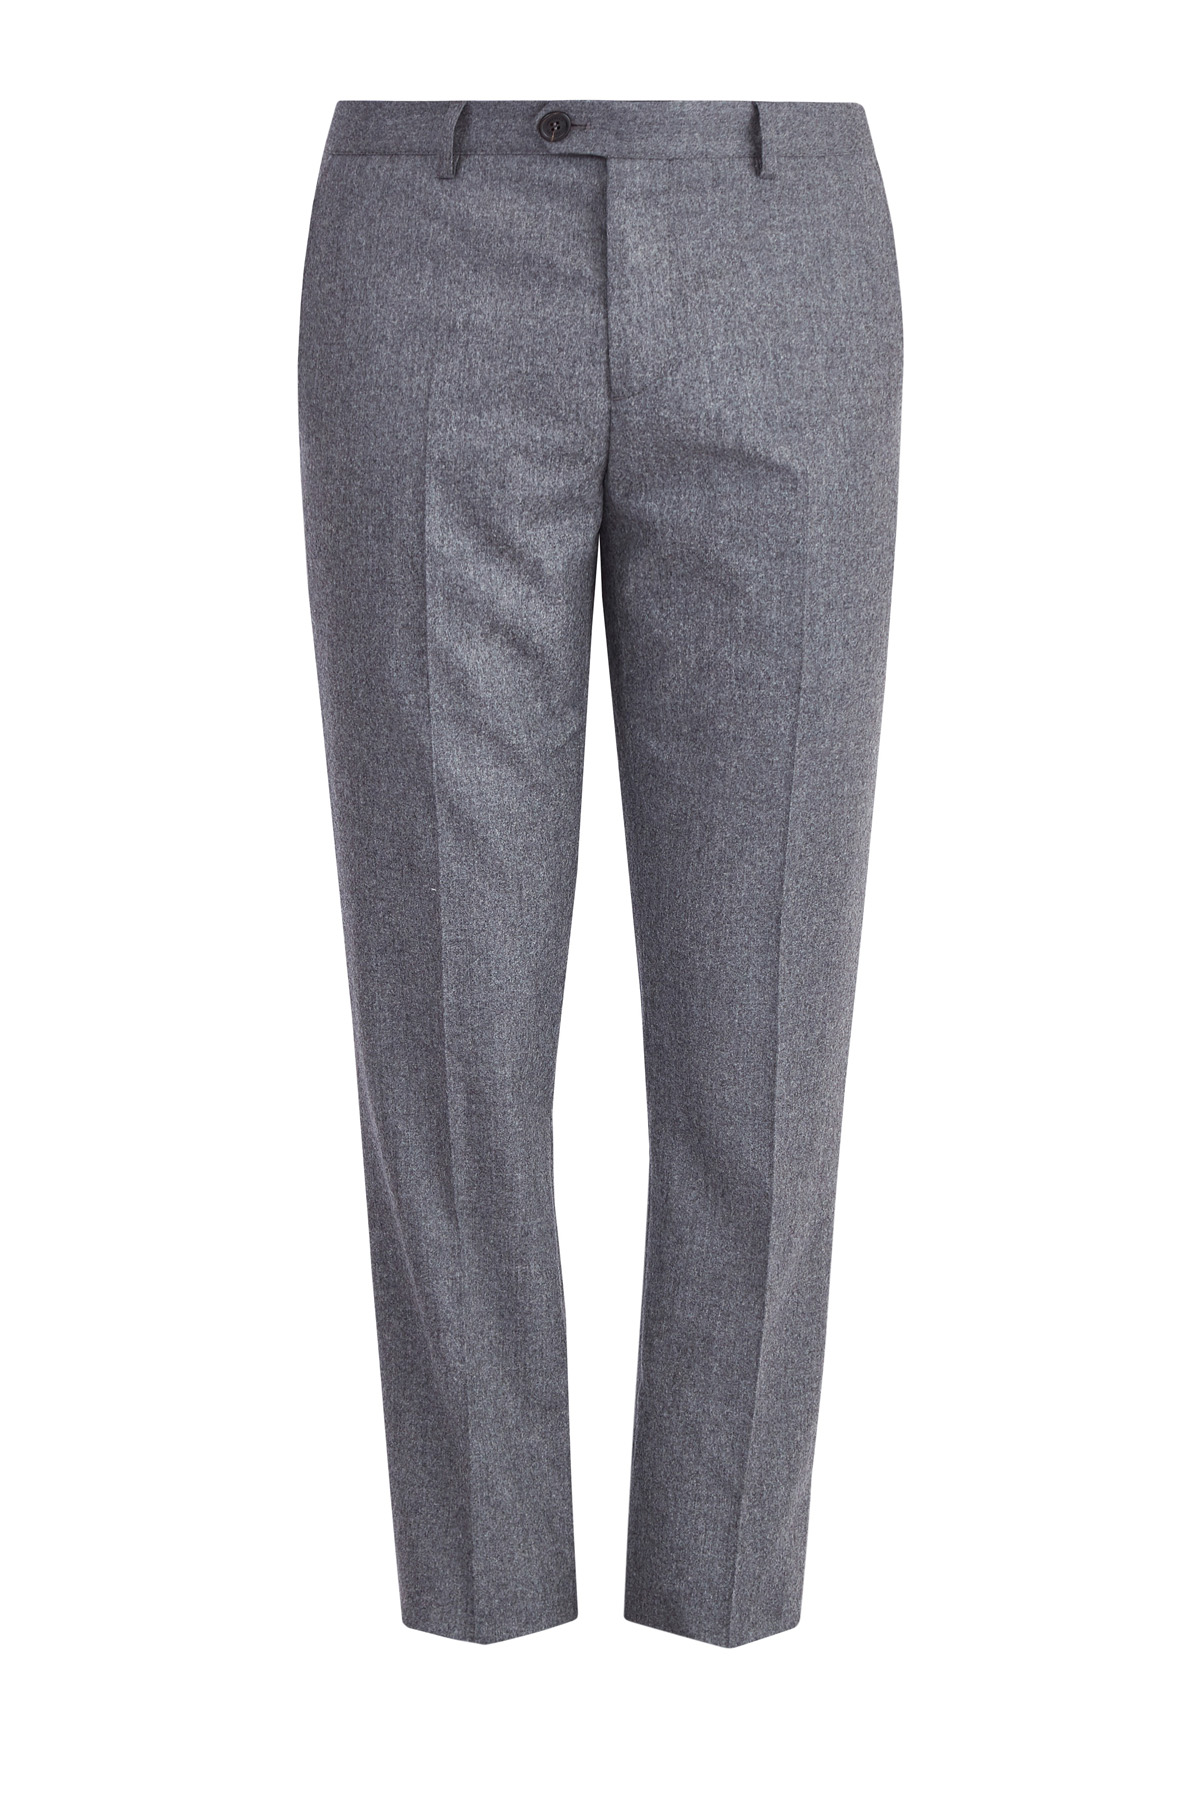 Классические серые брюки из шерстяной фланели фото